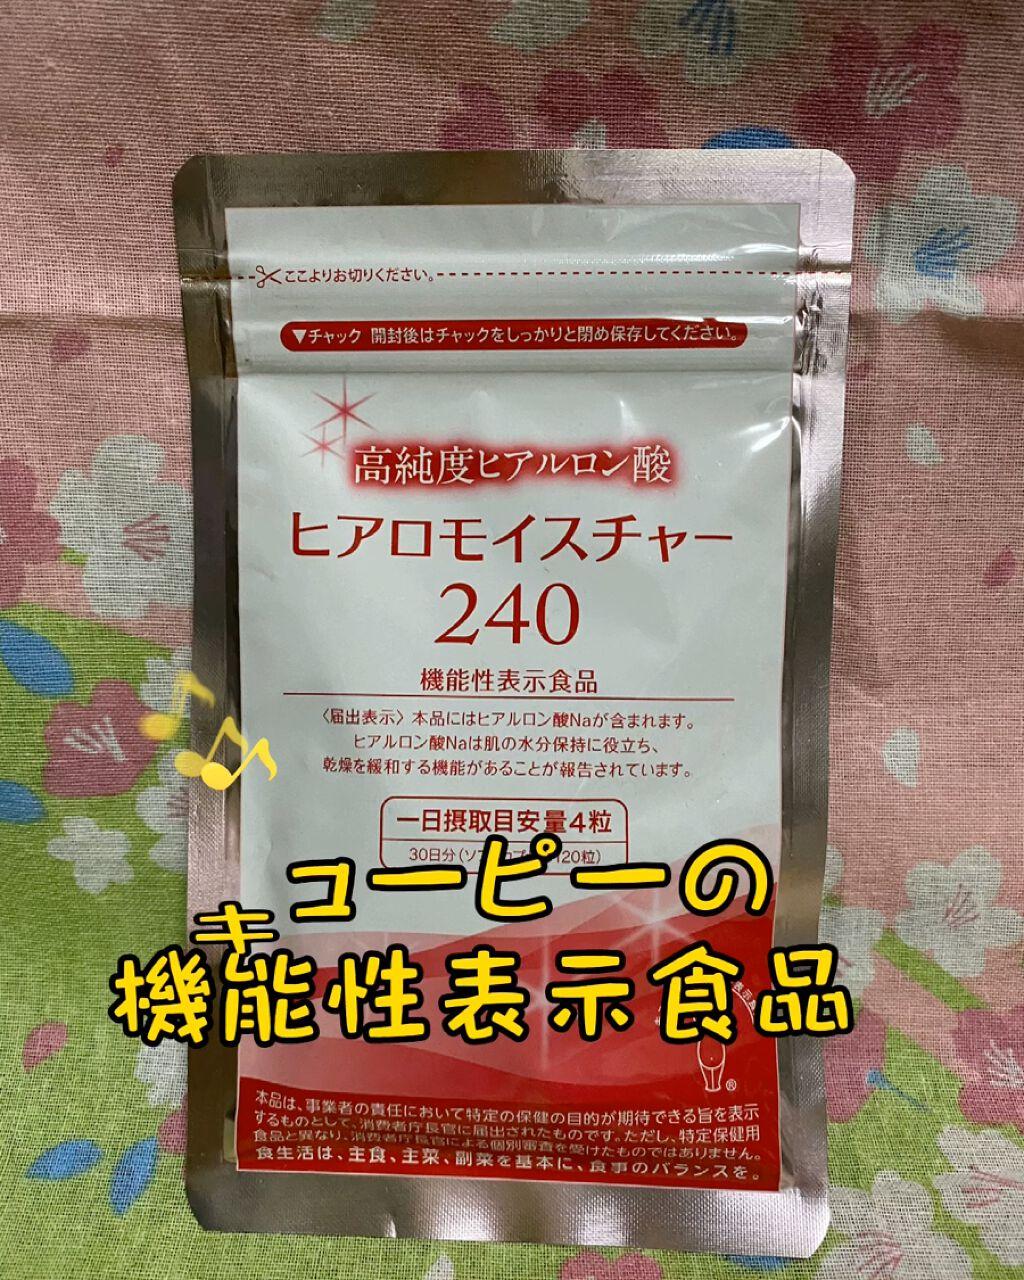 ヒアロモイスチャー240/キユートピア/美容サプリメントを使ったクチコミ(1枚目)